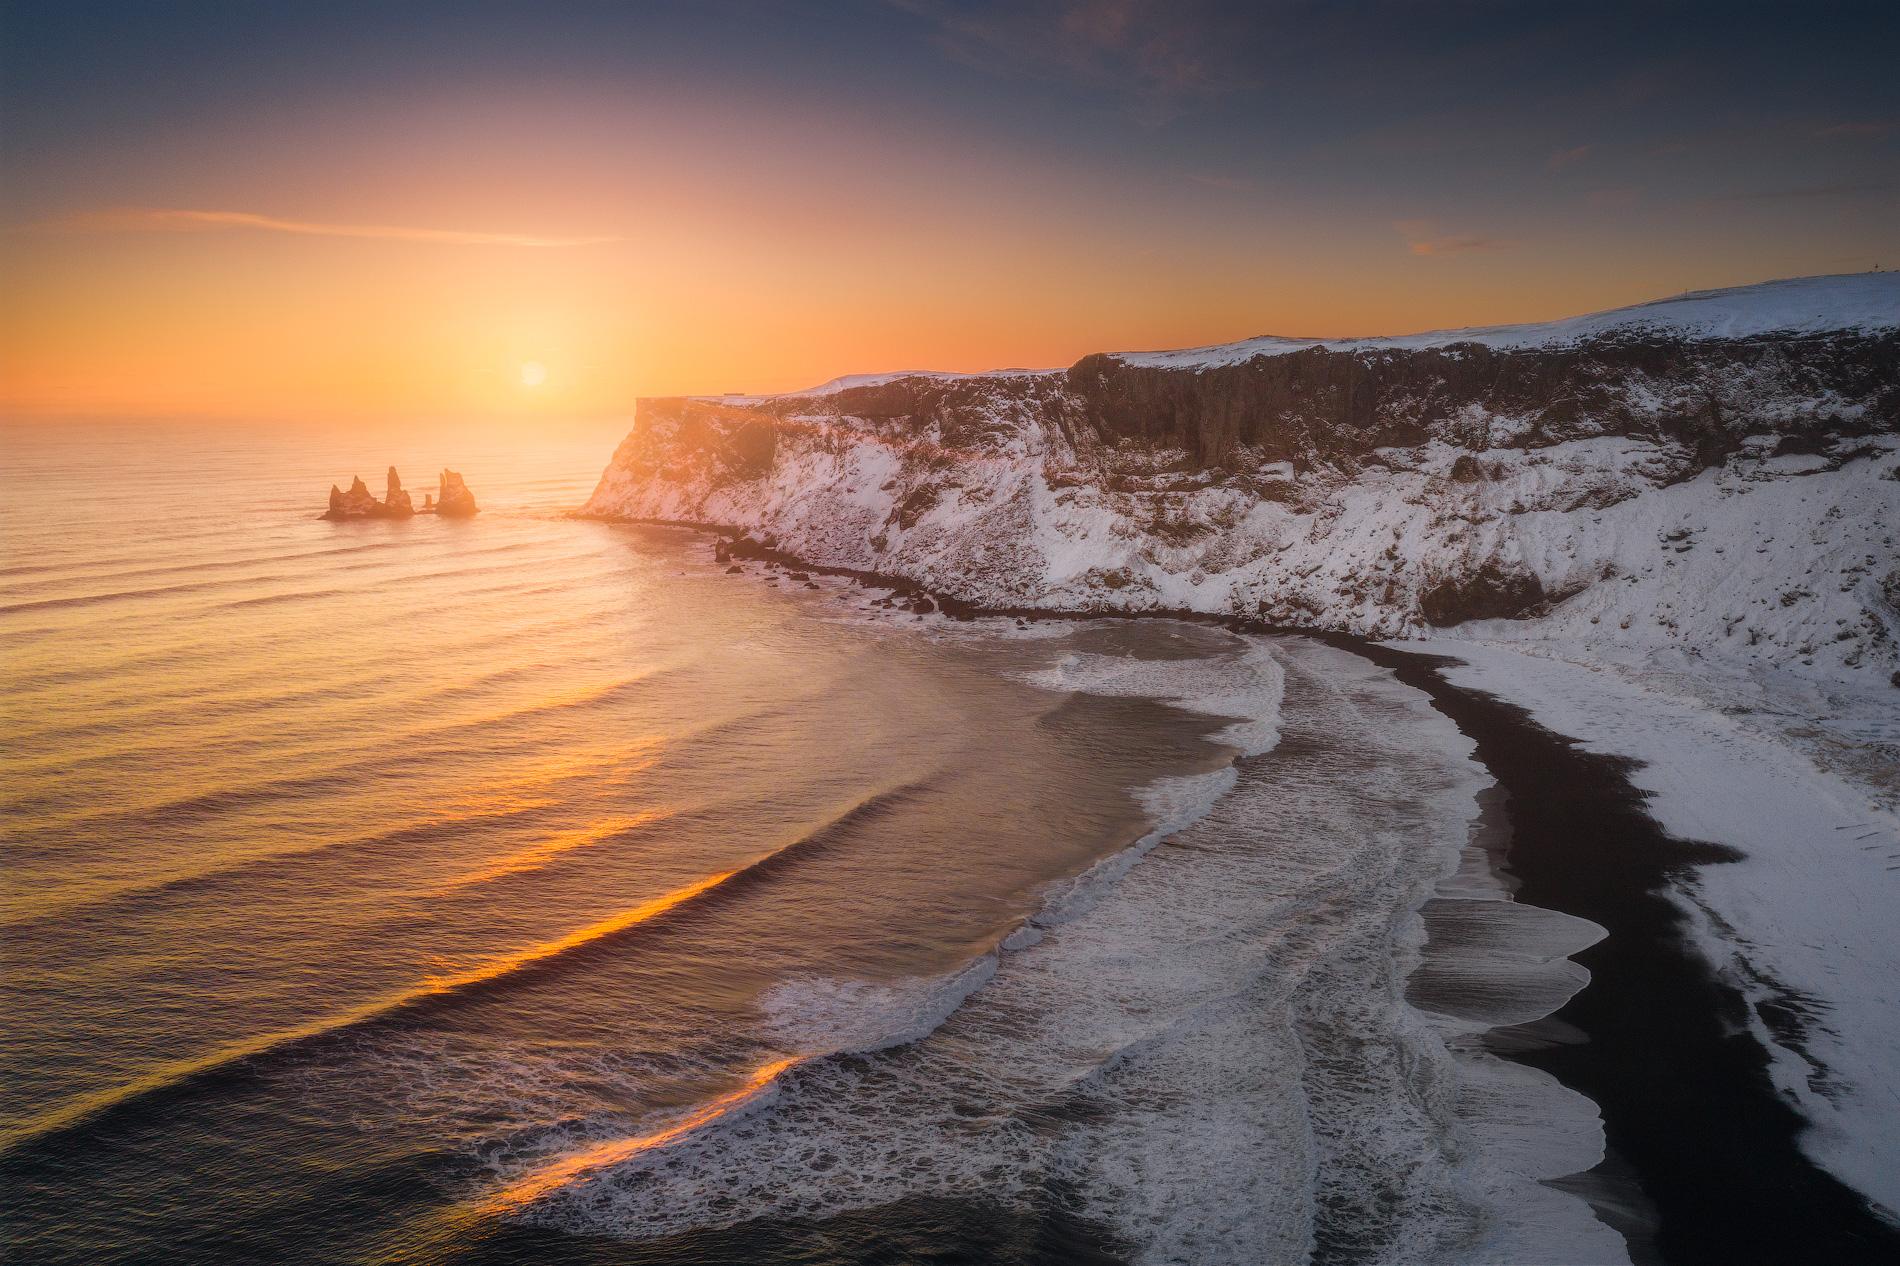 Il sole che tramonta sulla costa meridionale dell'Islanda.